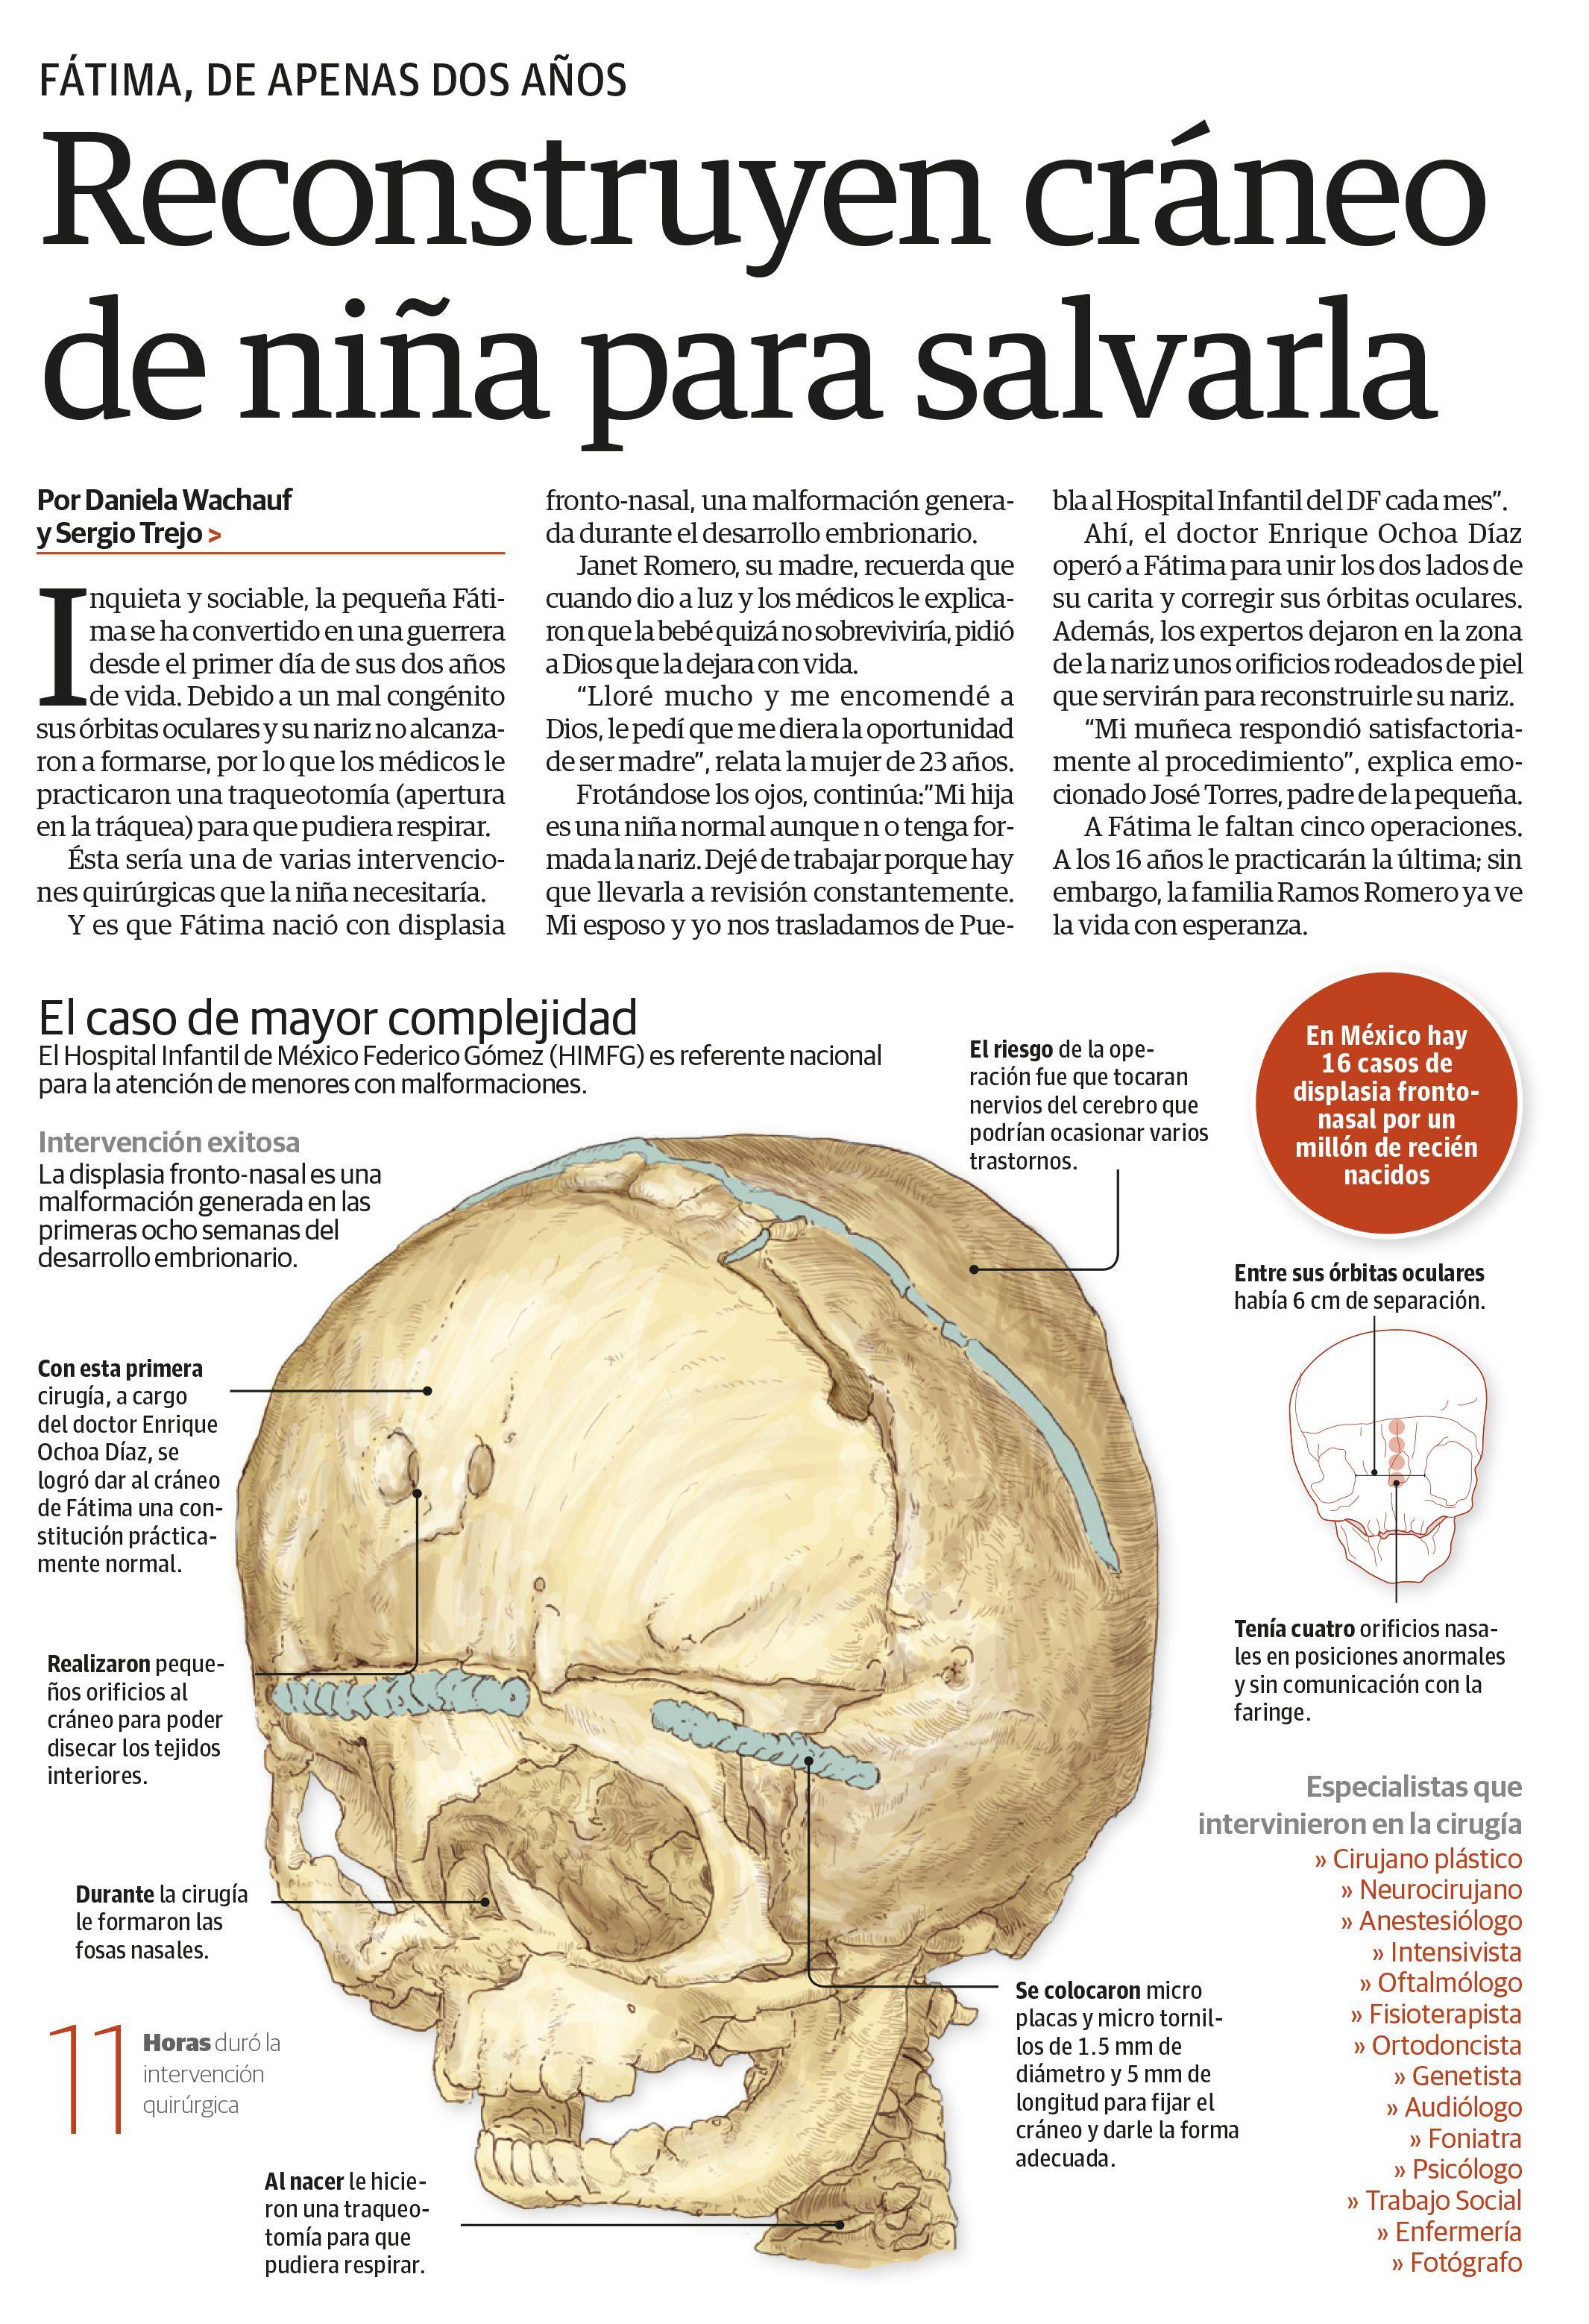 Cranial reconstruction   EL CUERPO HUMANO   Pinterest   El cuerpo ...